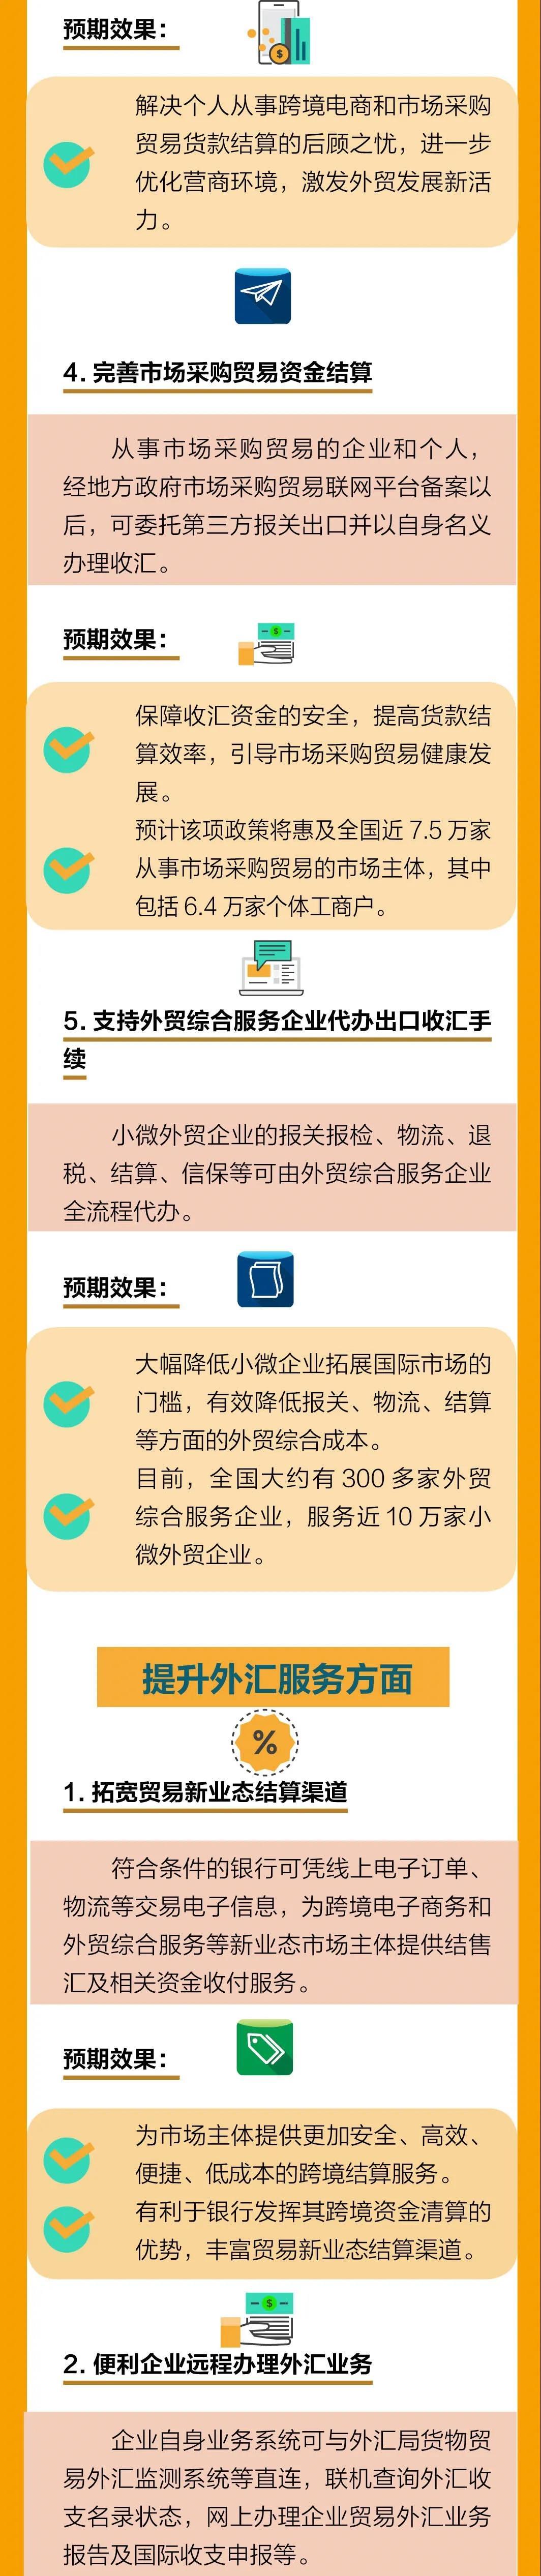 最新!外汇局12答解析贸易新业态问题,为跨境支付划定新边界